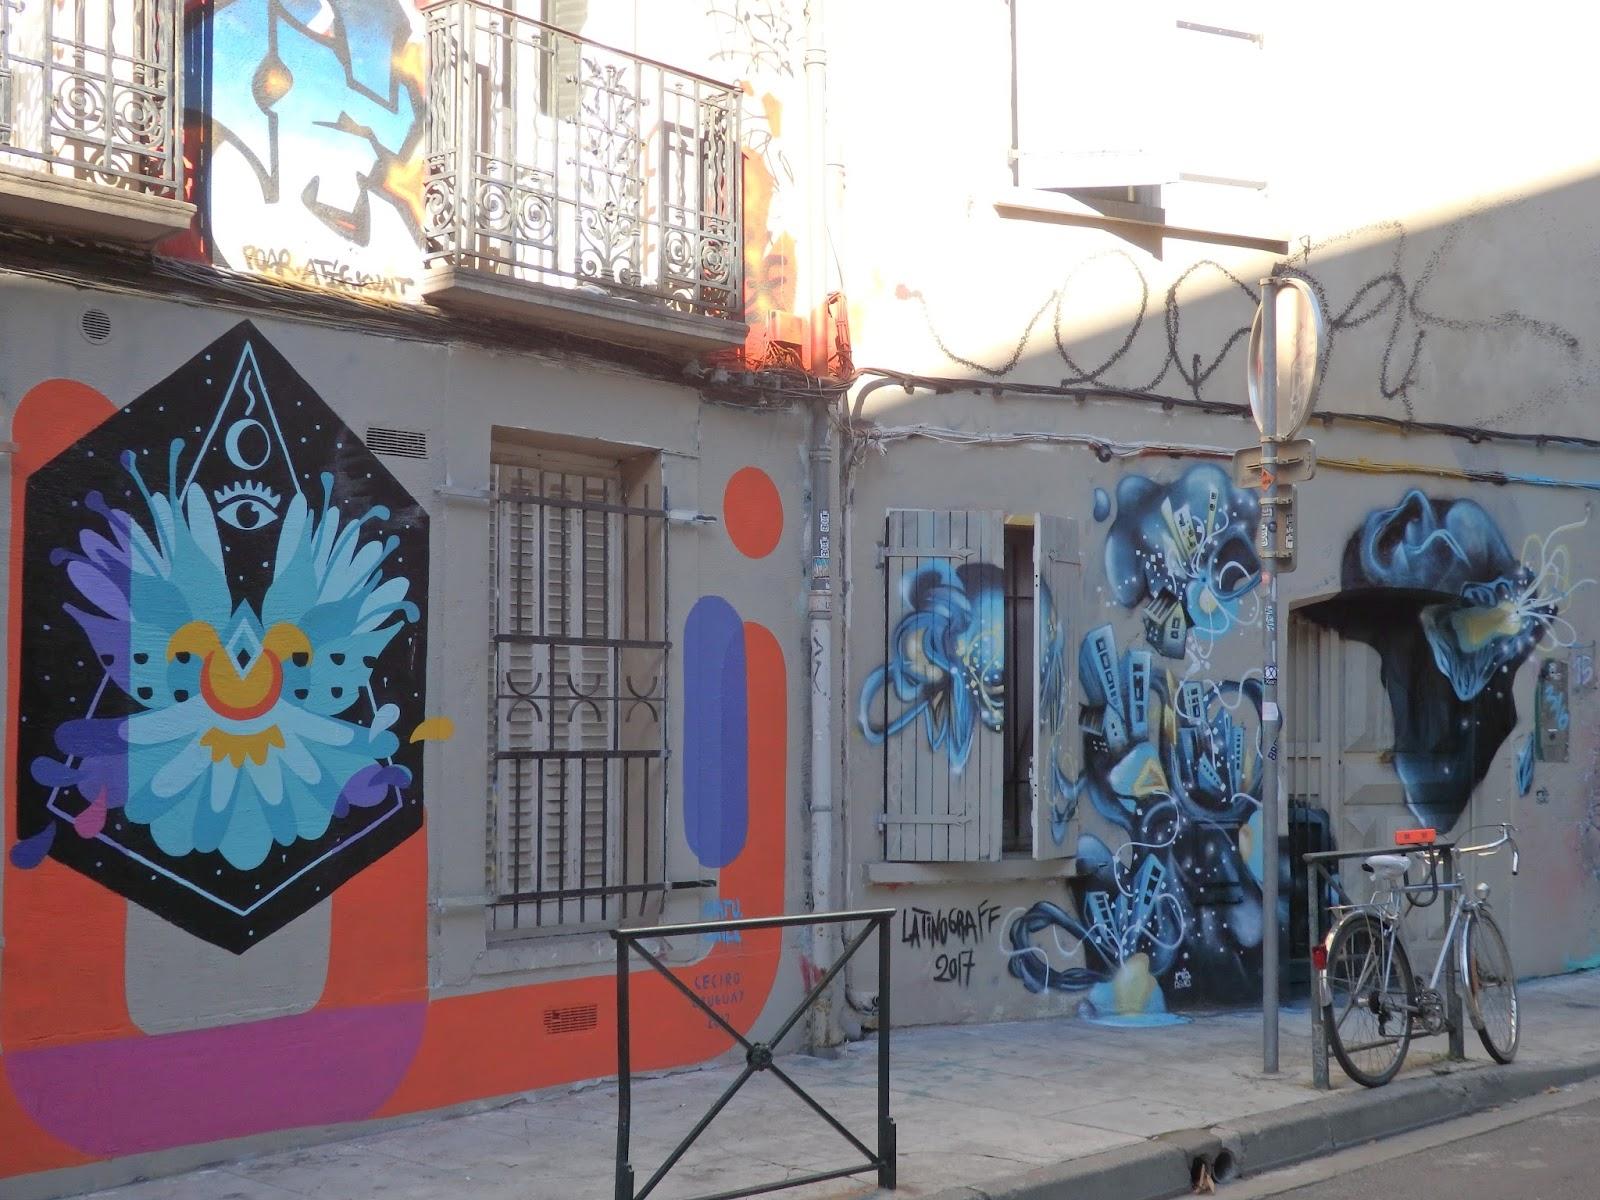 Graff tour une visite street art de toulouse avec l 39 office de tourisme and so my dreams - Office tourisme de toulouse ...